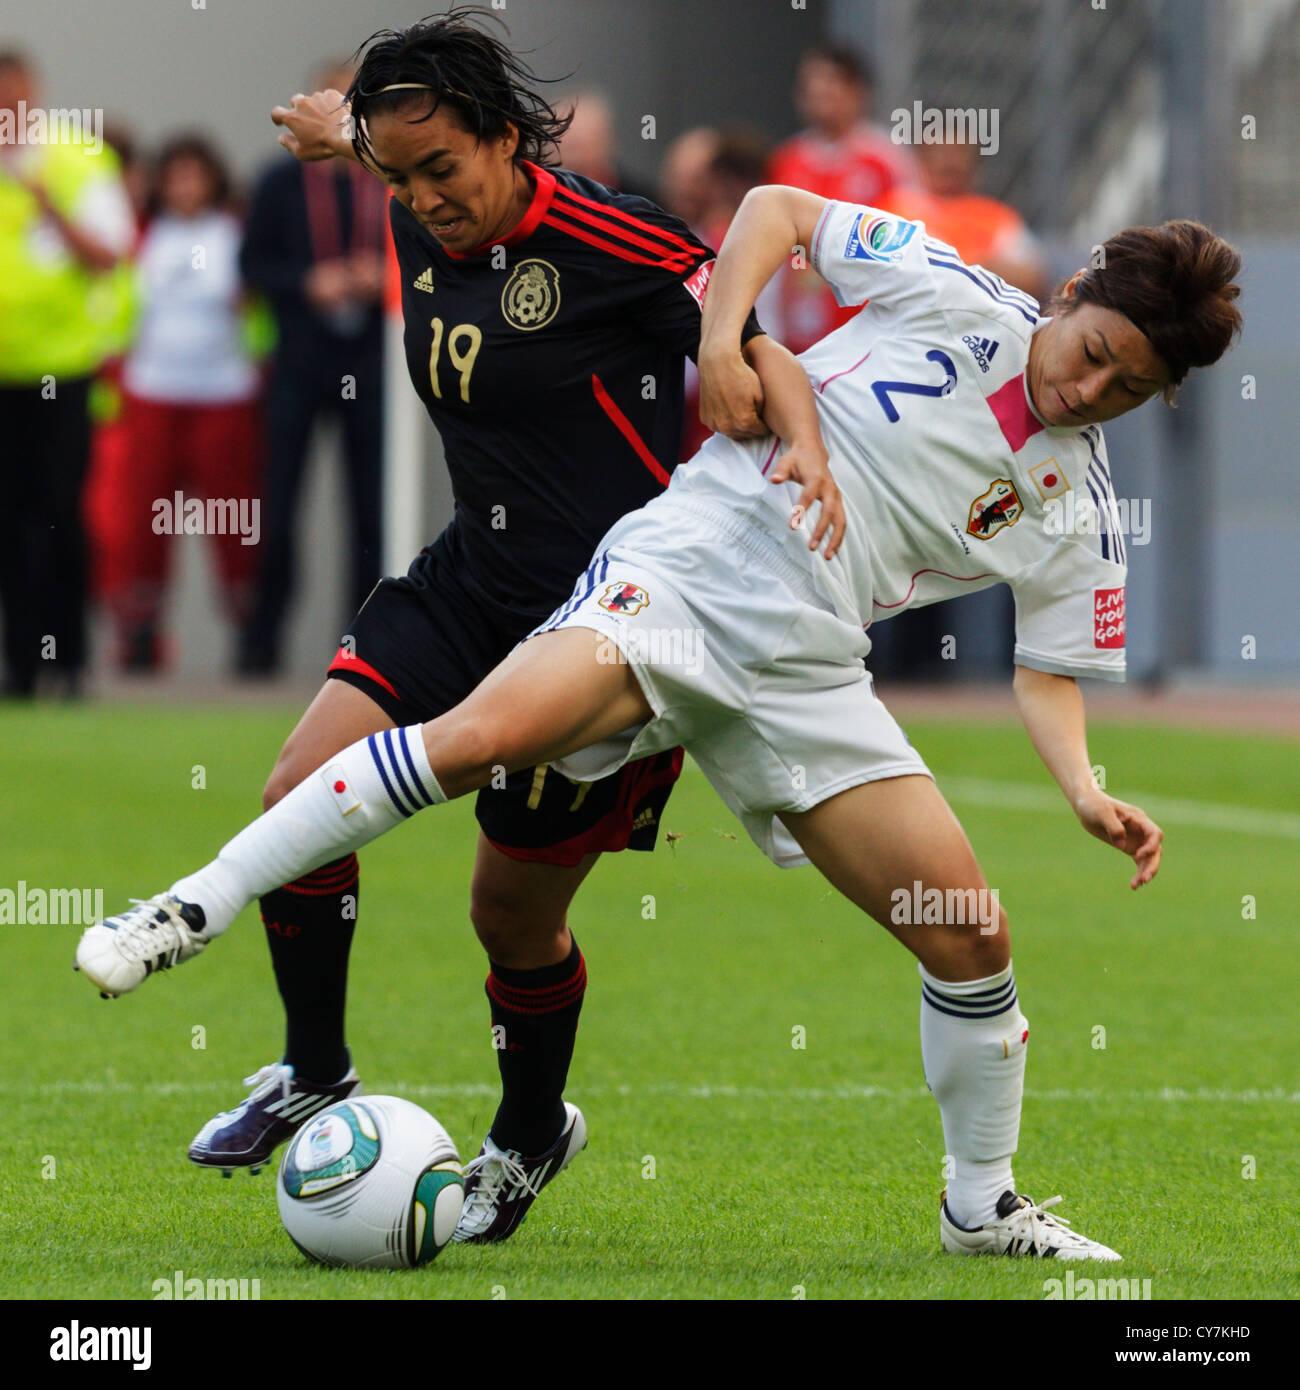 Monica Ocampo du Mexique (L) et Yukari Kinga du Japon (R) bataille pour la balle au cours d'une Coupe du Monde féminine Banque D'Images